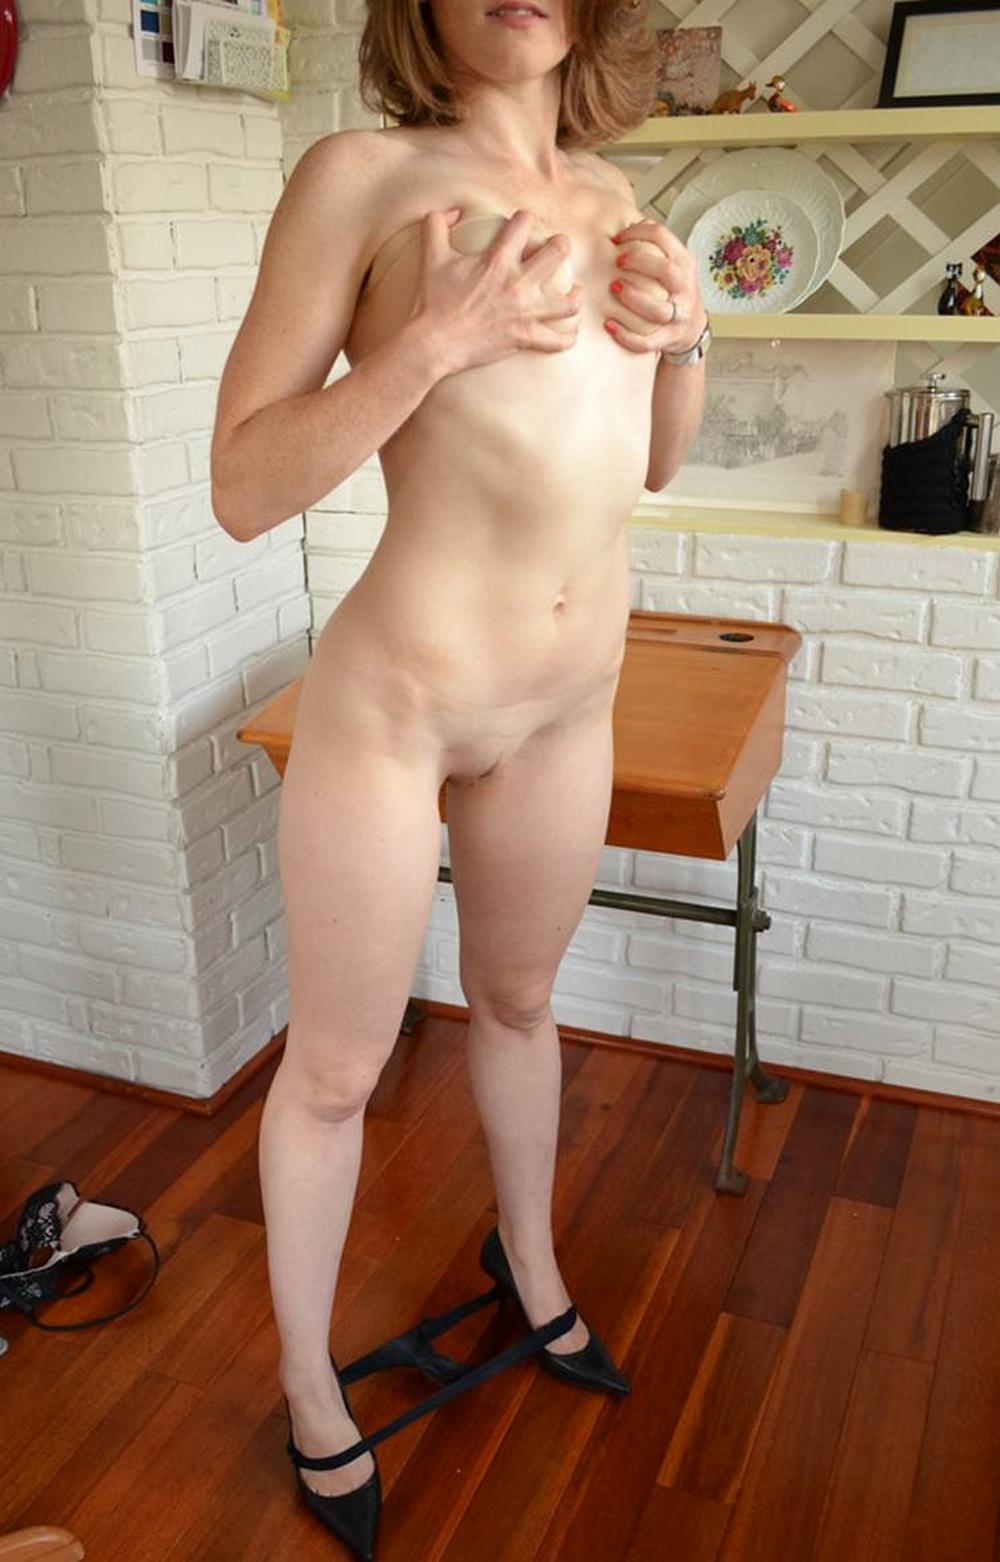 Длинноногая мамка сняла черные трусики перед любовником на кухне секс фото и порно фото